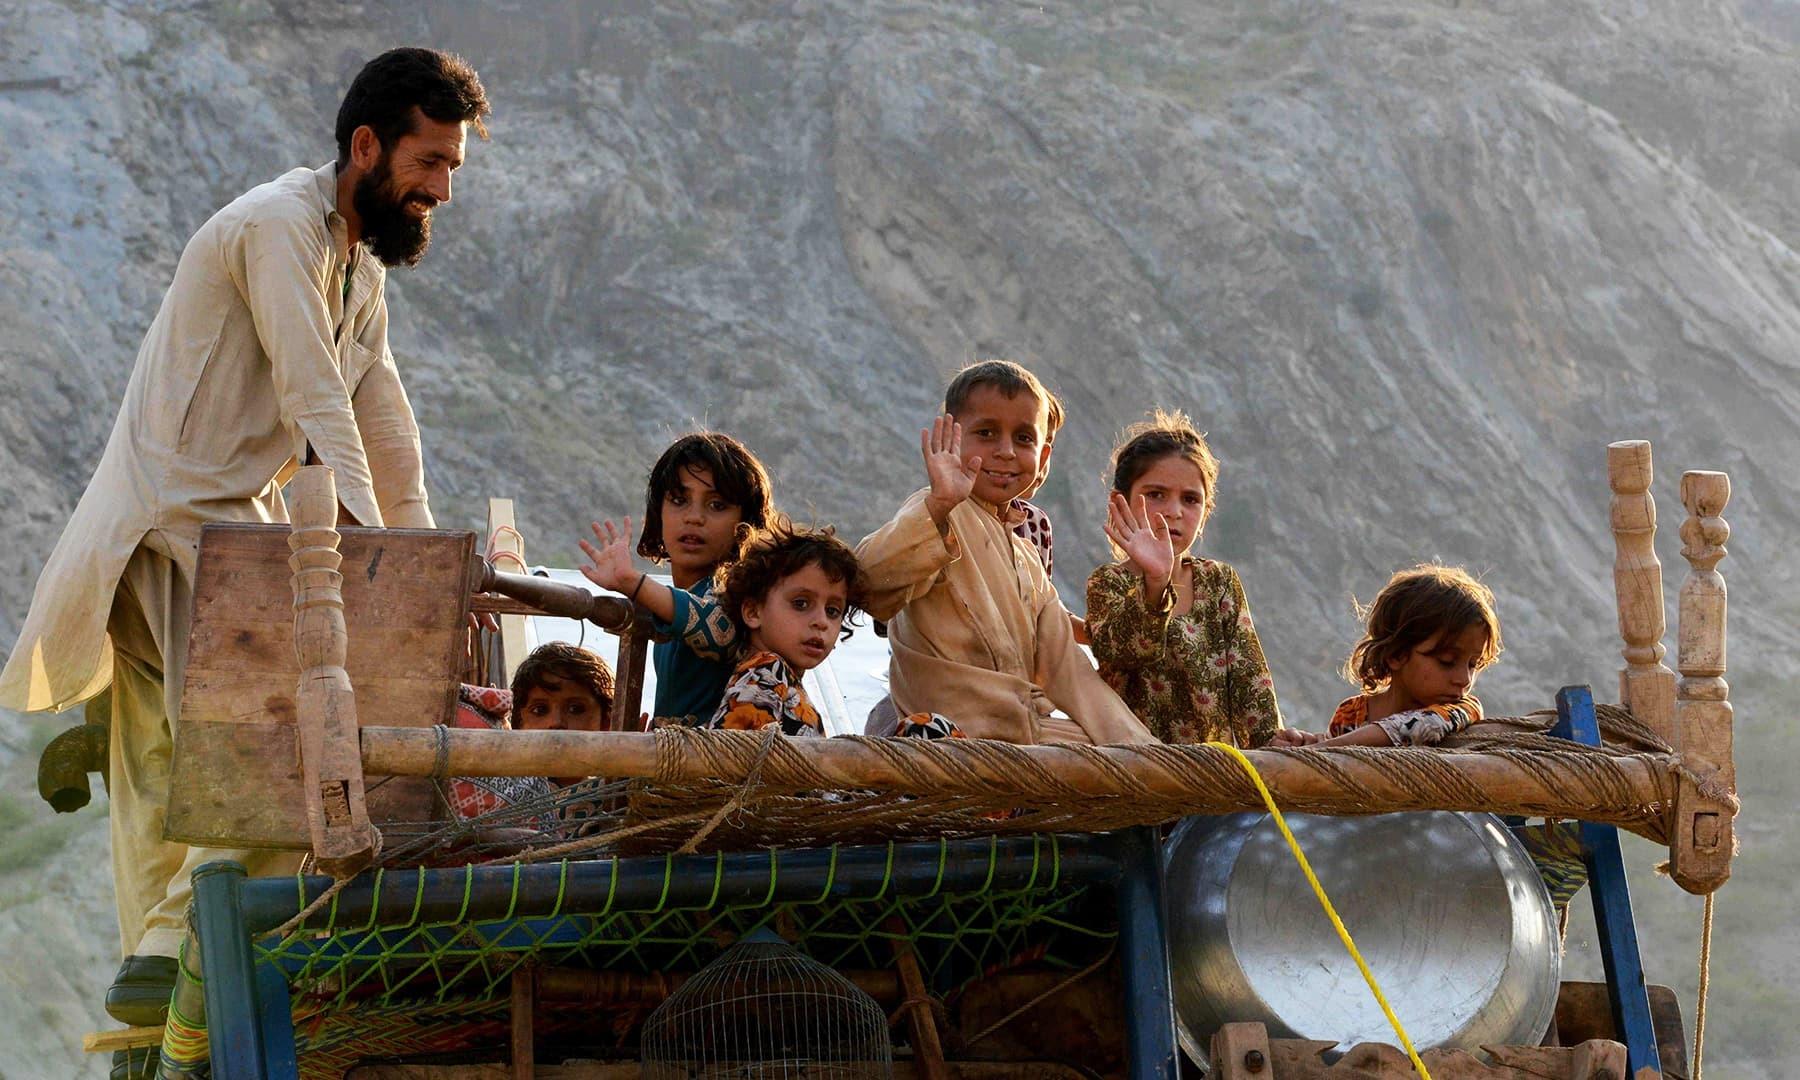 Pakistan still hosting 1.4 million registered Afghan refugees